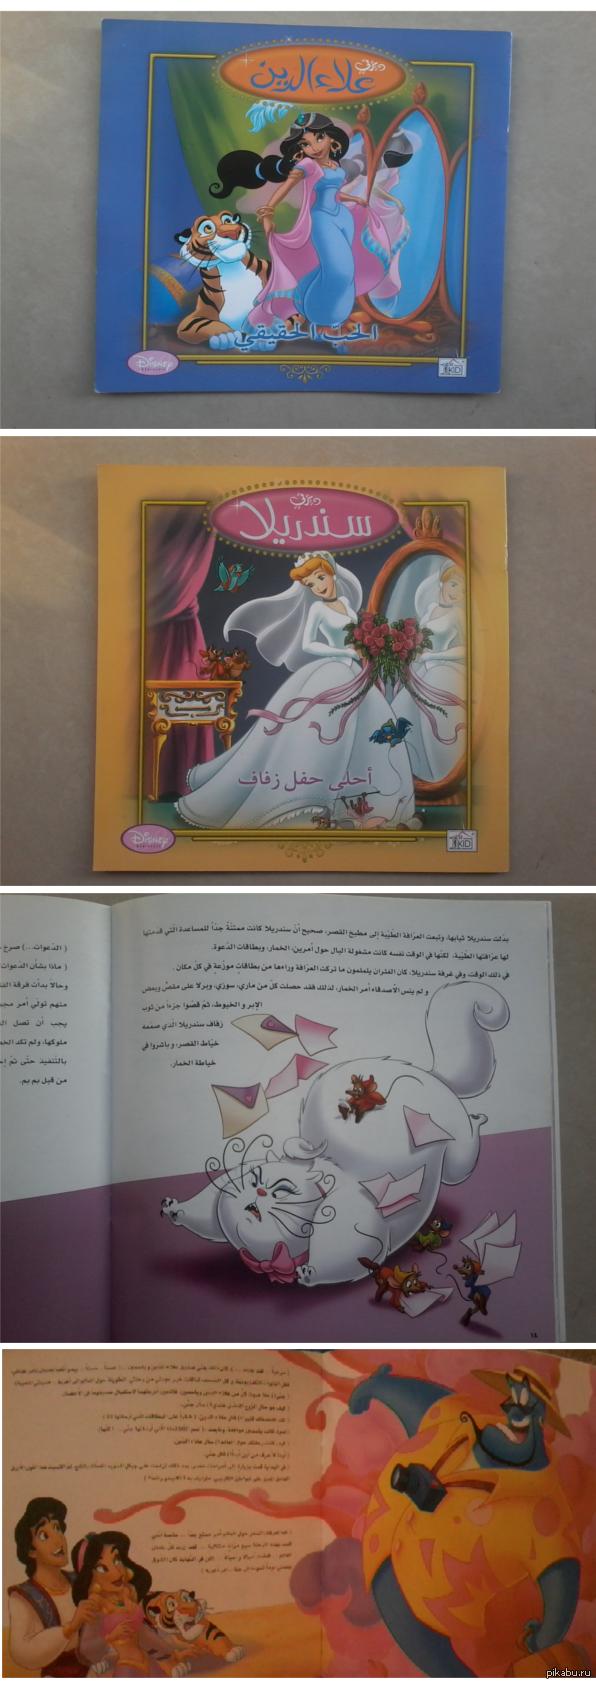 Арабские детские книжки Я тут арабский решил подтянуть, посоветовали детские книжки.. и тут я узнал, что Алладина на самом деле звали Аля (!), а фамилия его Аль Дин! Моё сердце разбито